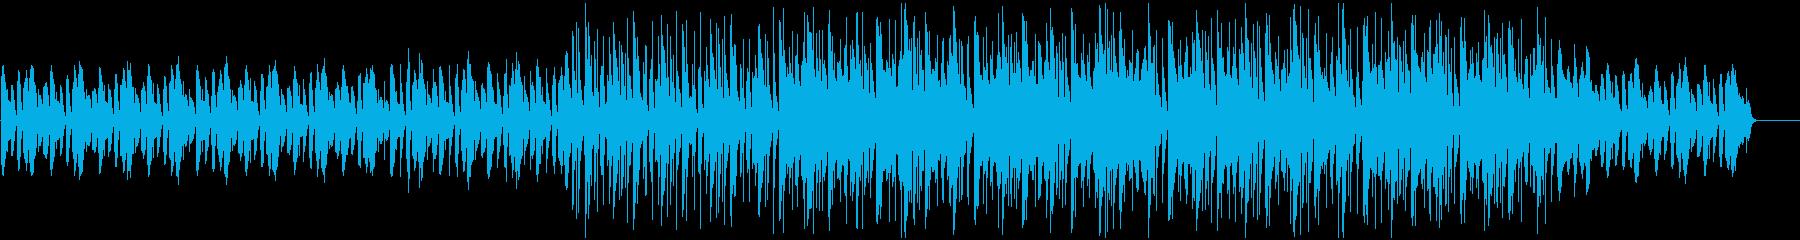 不思議な雰囲気を放つヴィブラフォンの再生済みの波形